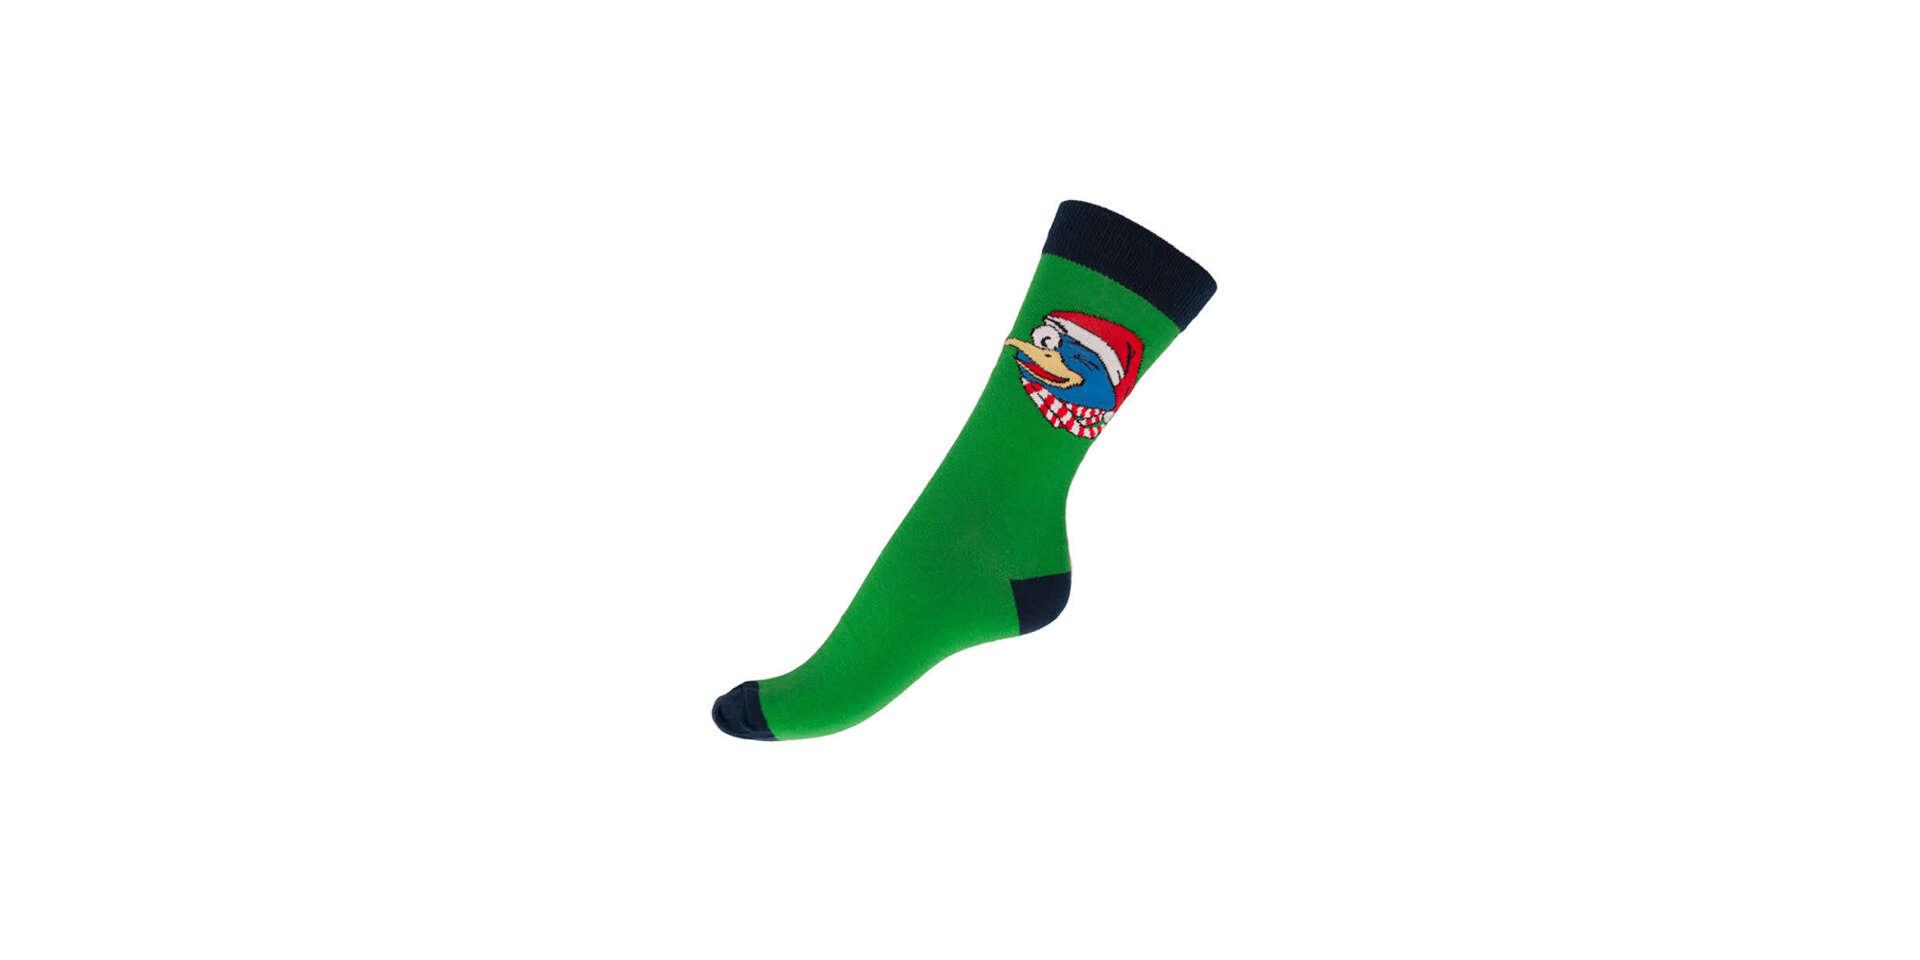 NOVINKA: Pohodlné farebné ponožky GOSH s voľným lemom (18 vzorov...